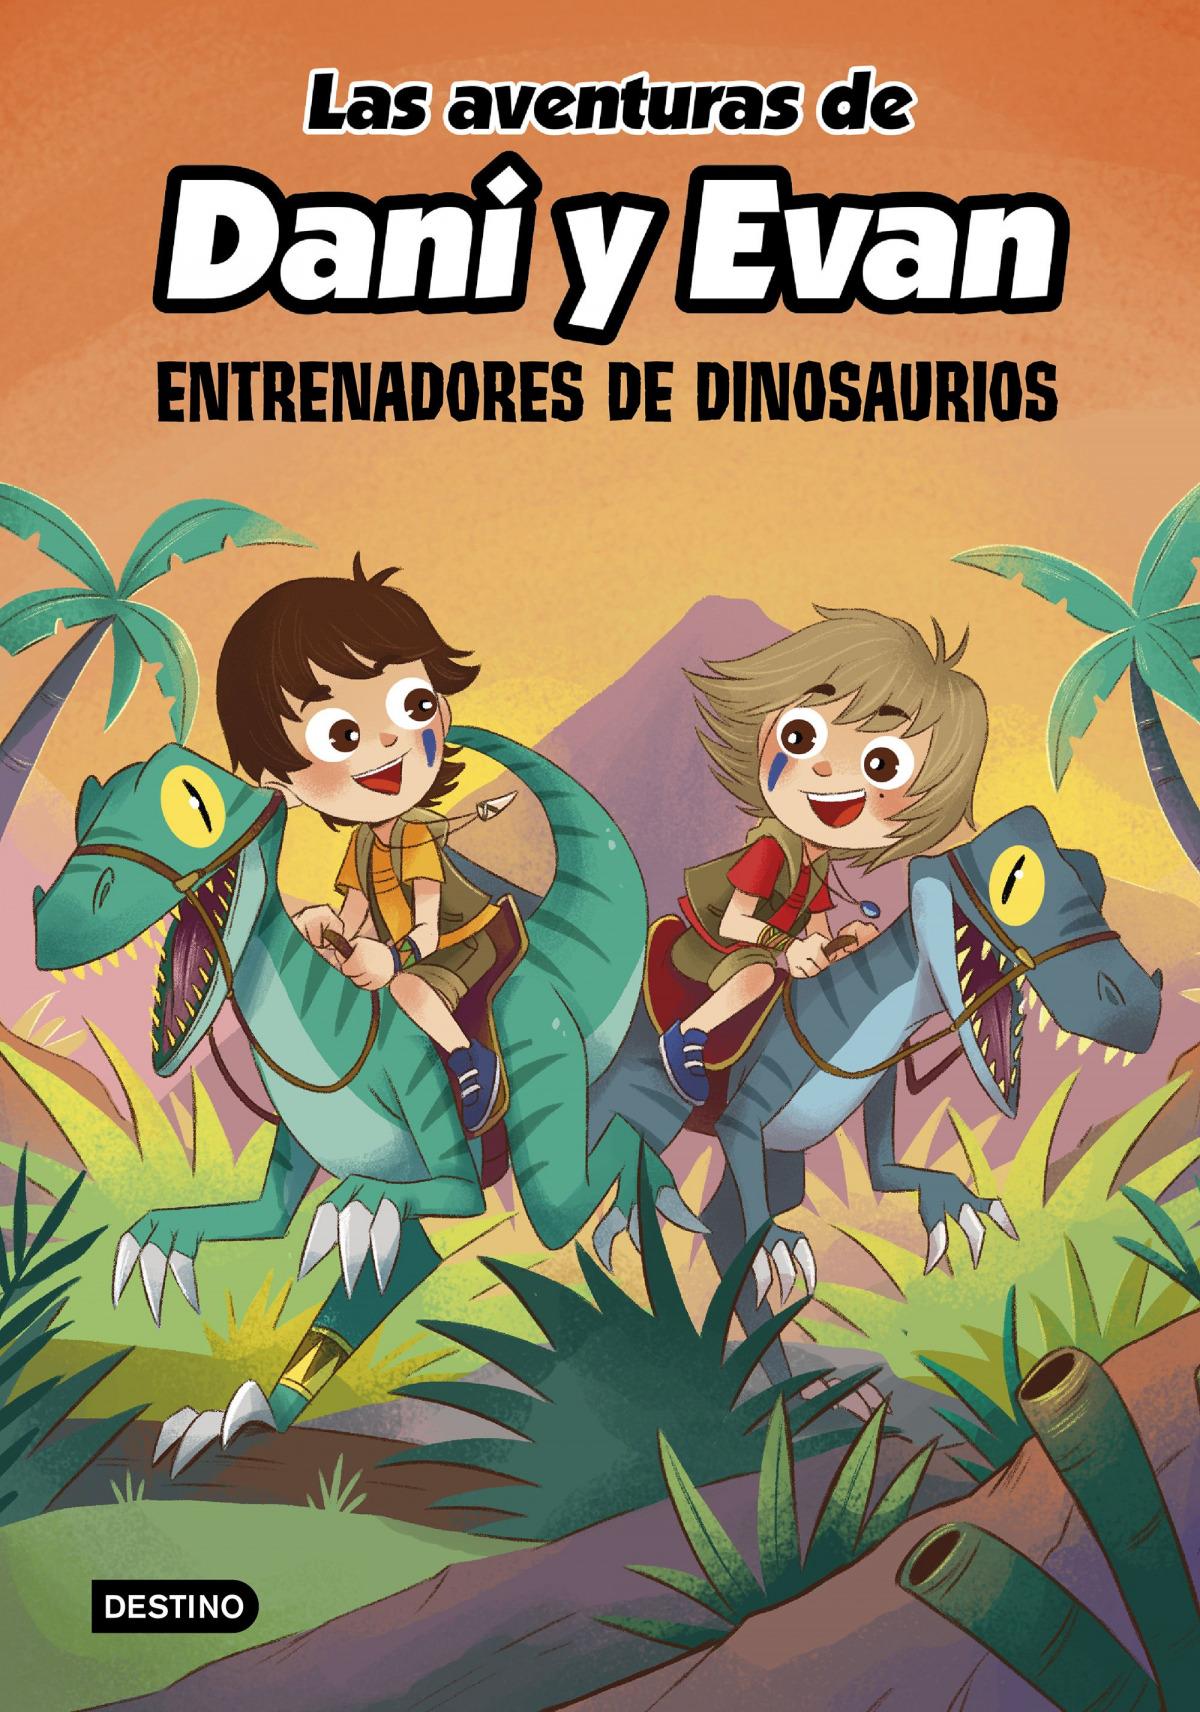 Las aventuras de Dani y Evan 3. Entrenadores de dinosaurios 9788408240372